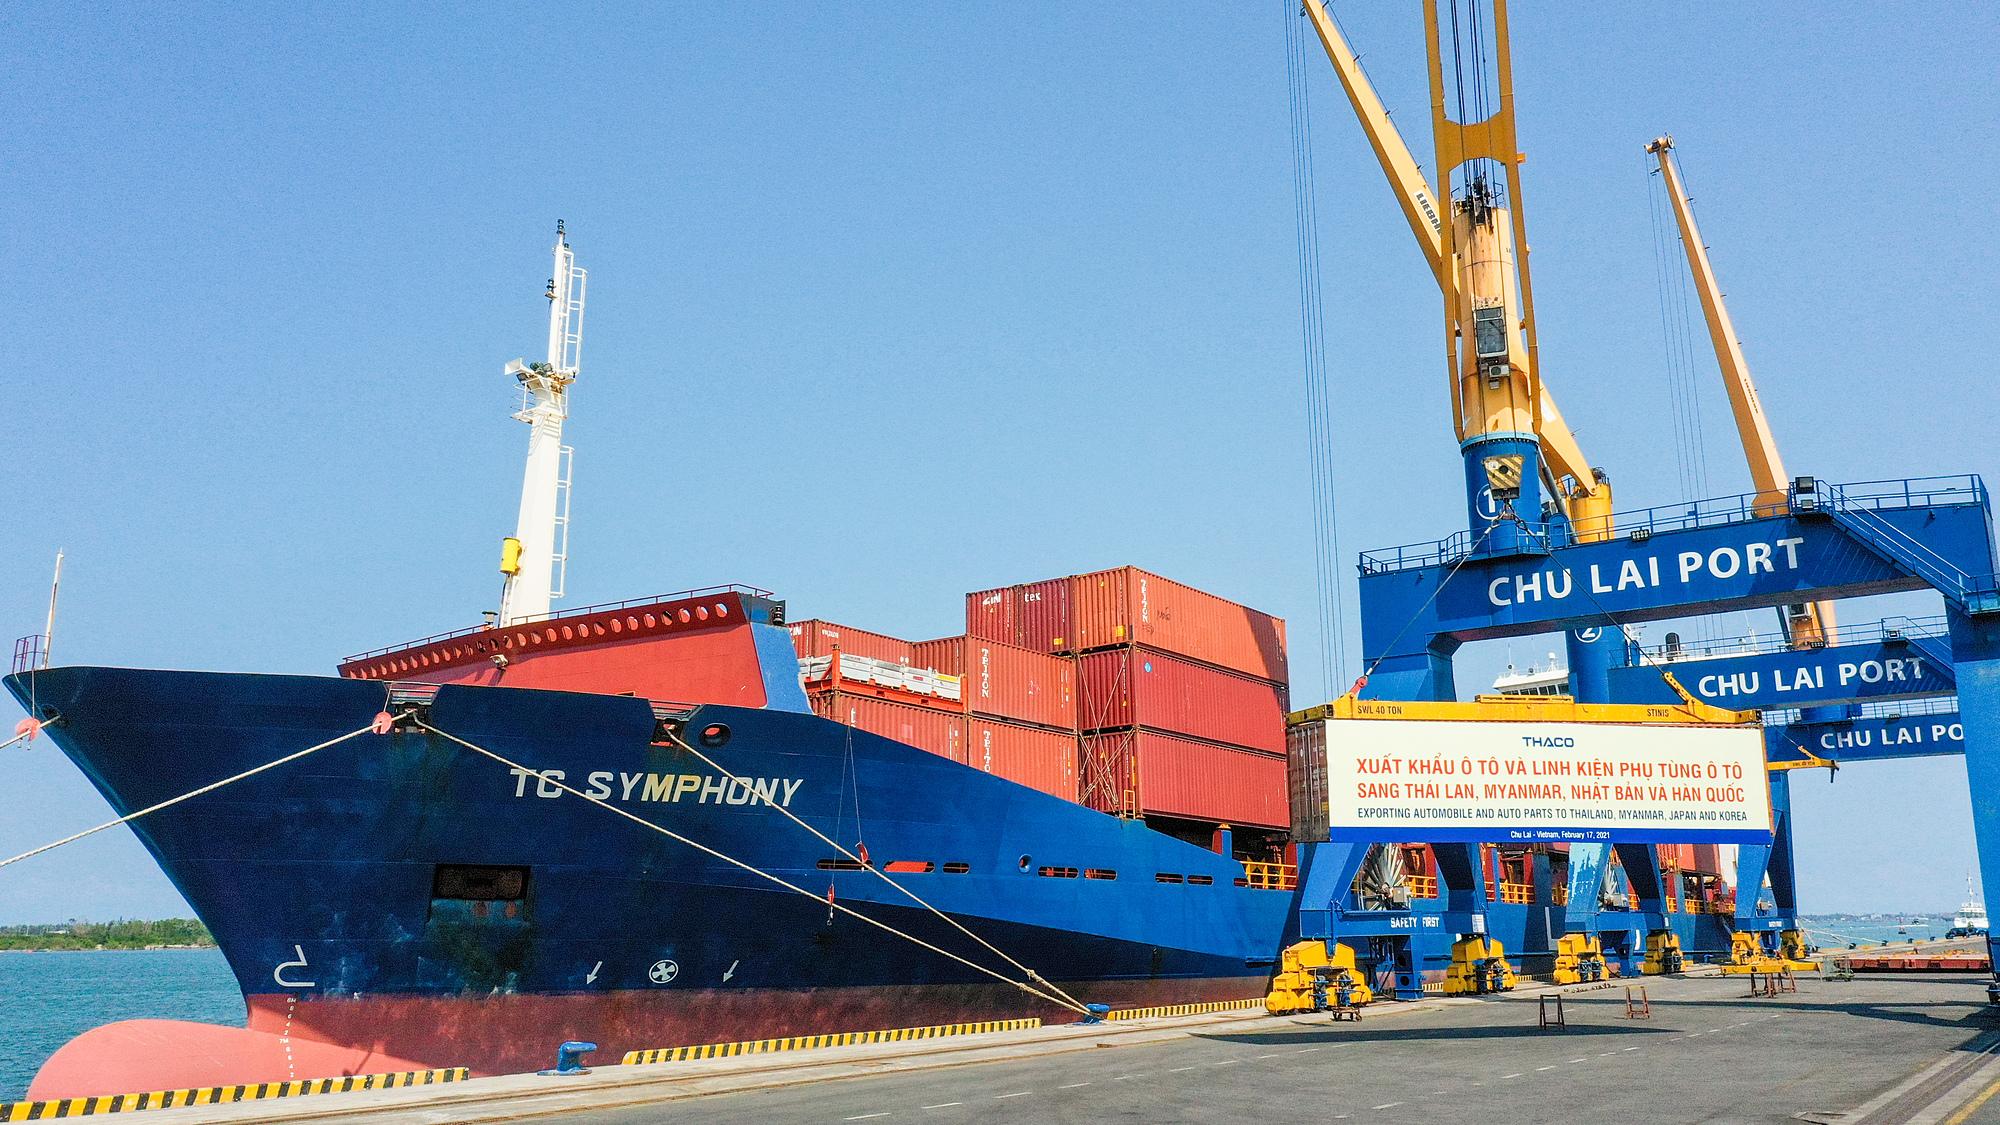 Container, ôtô và linh kiện phụ tùng Thaco chuẩn bị xuất khẩu sang Thái Lan, Myanmar, Nhật Bản và Hàn Quốc.